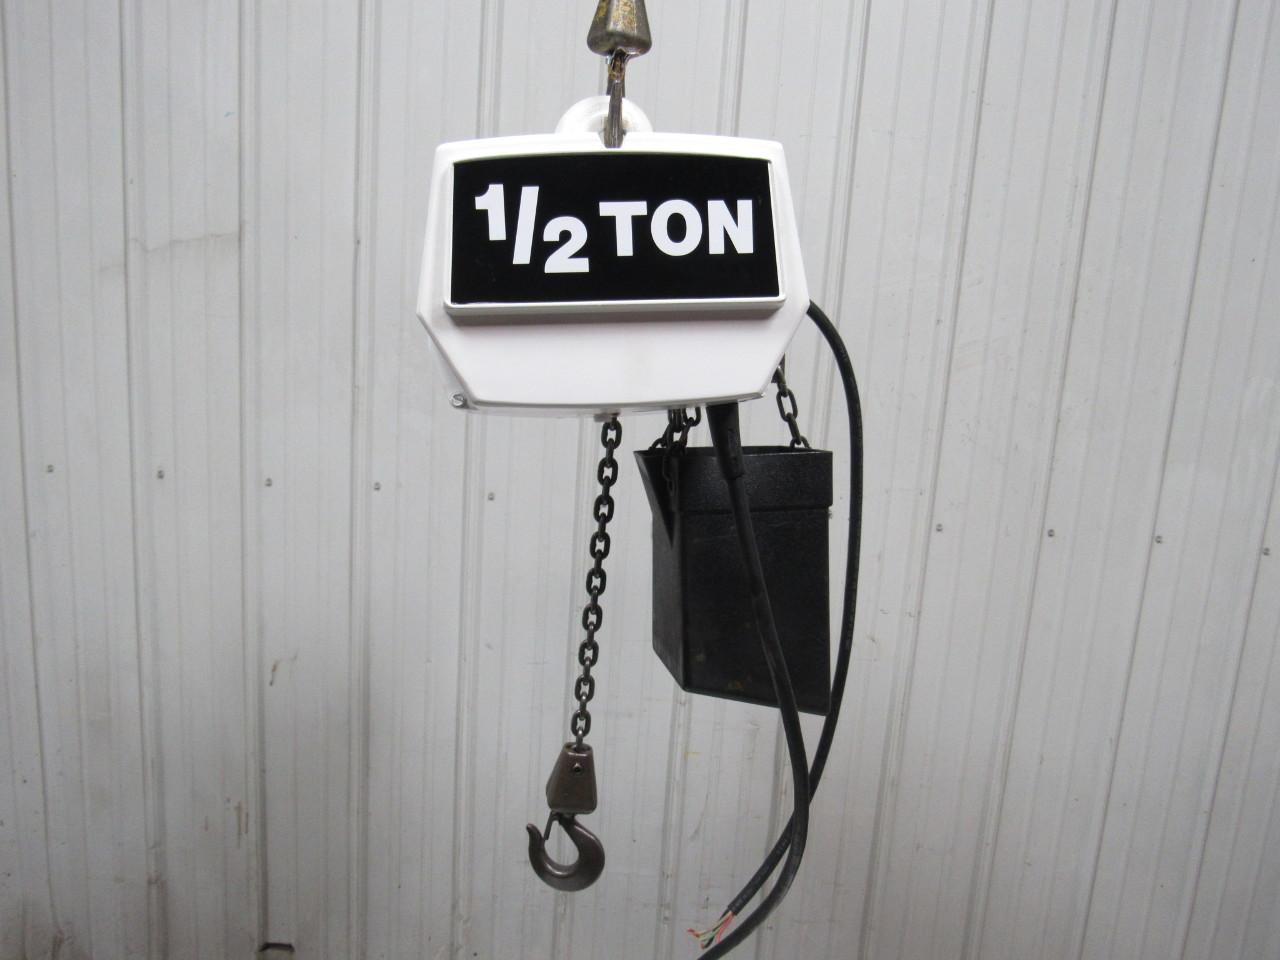 coffing ec1032.4 1/2 ton electric chain hoist 2 spd. 11 ... coffing 1 2 ton hoist parts diagram